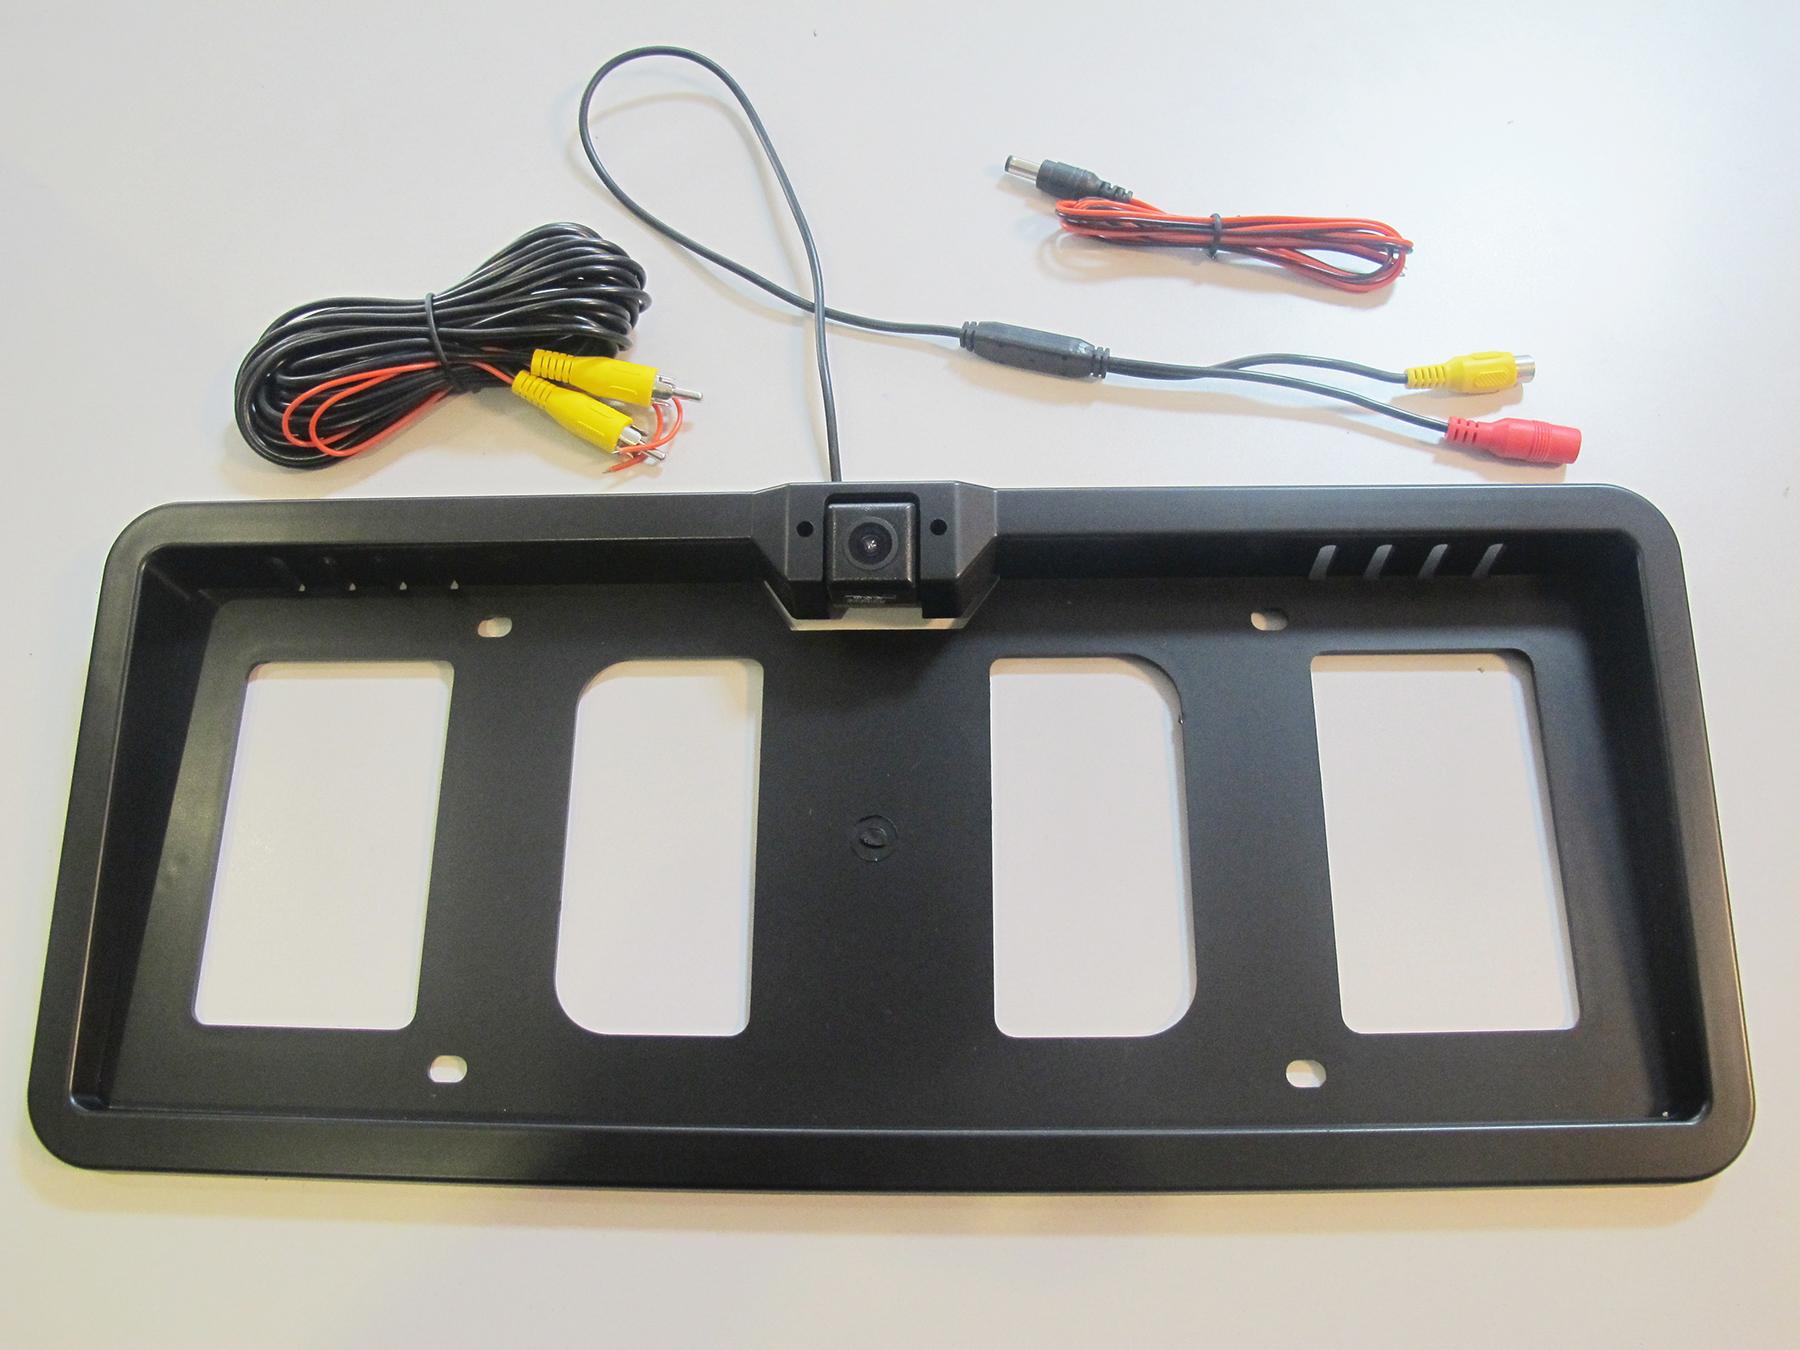 O.e.m. Plate Holder With Reversing Camera Description